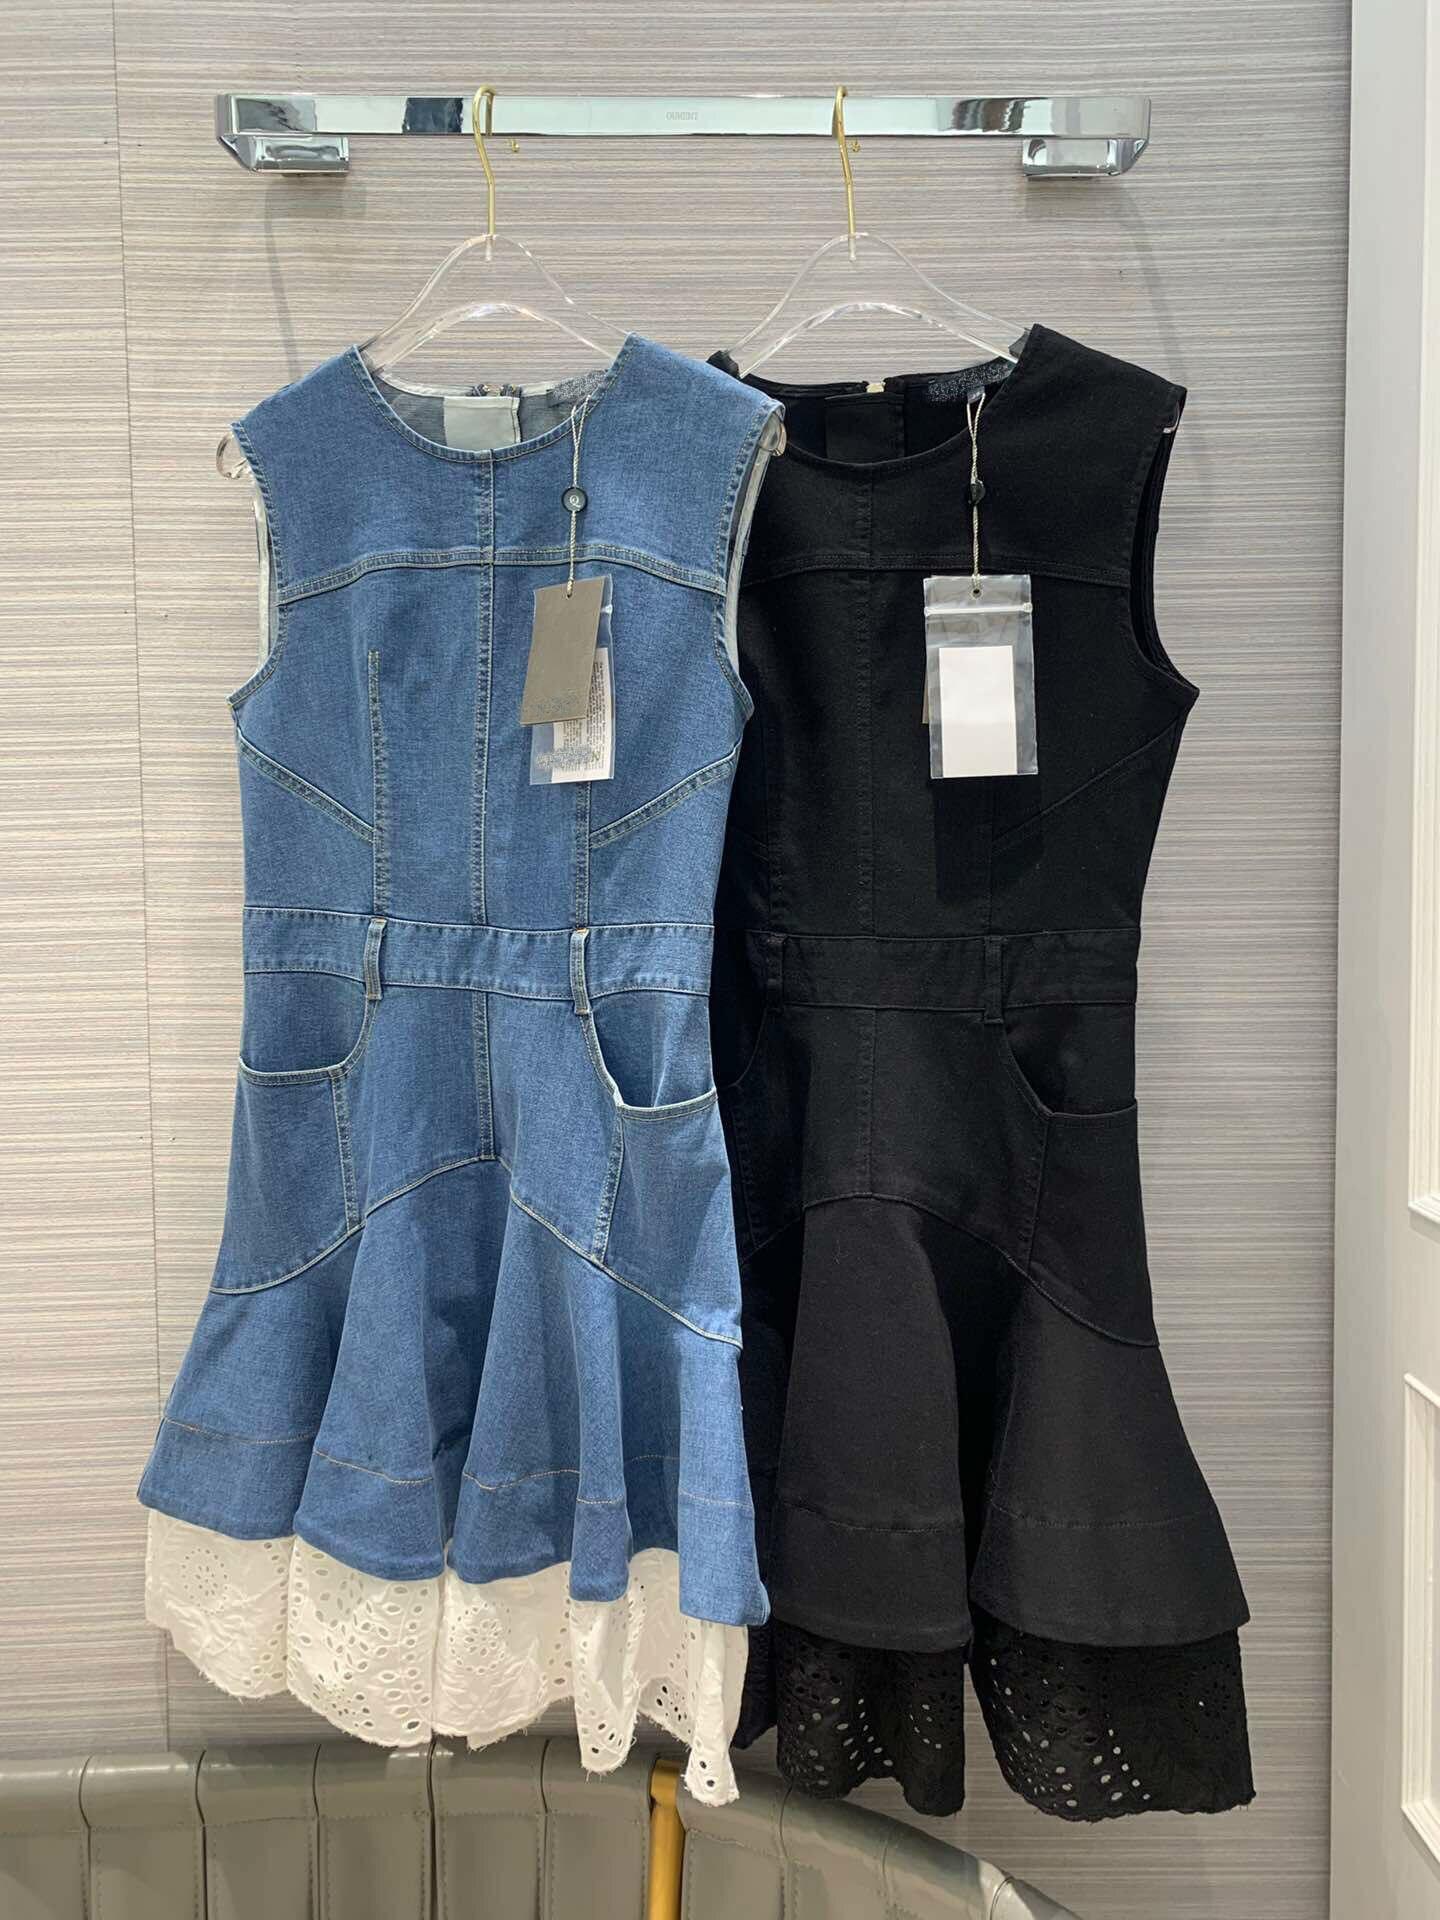 2019 nouveau Denim couture broderie ajouré robes de mode pour les femmes livraison gratuite